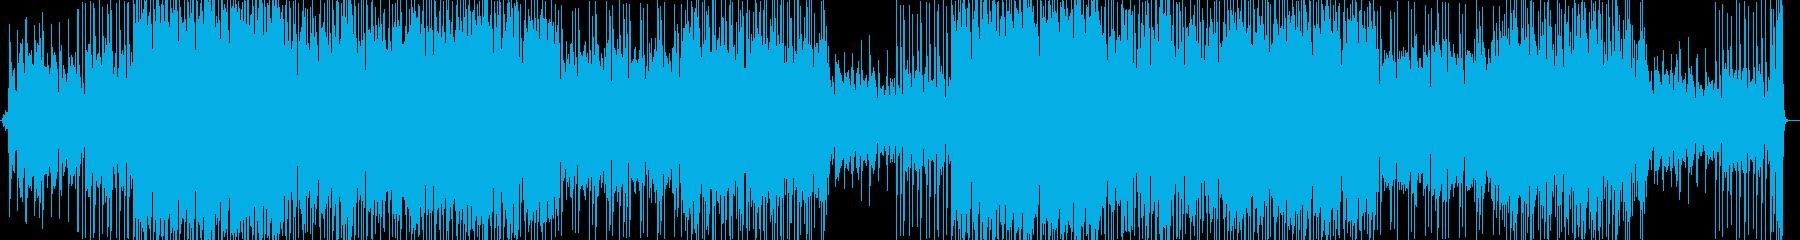 ピアノがかっこいいスピード感溢れるBGMの再生済みの波形